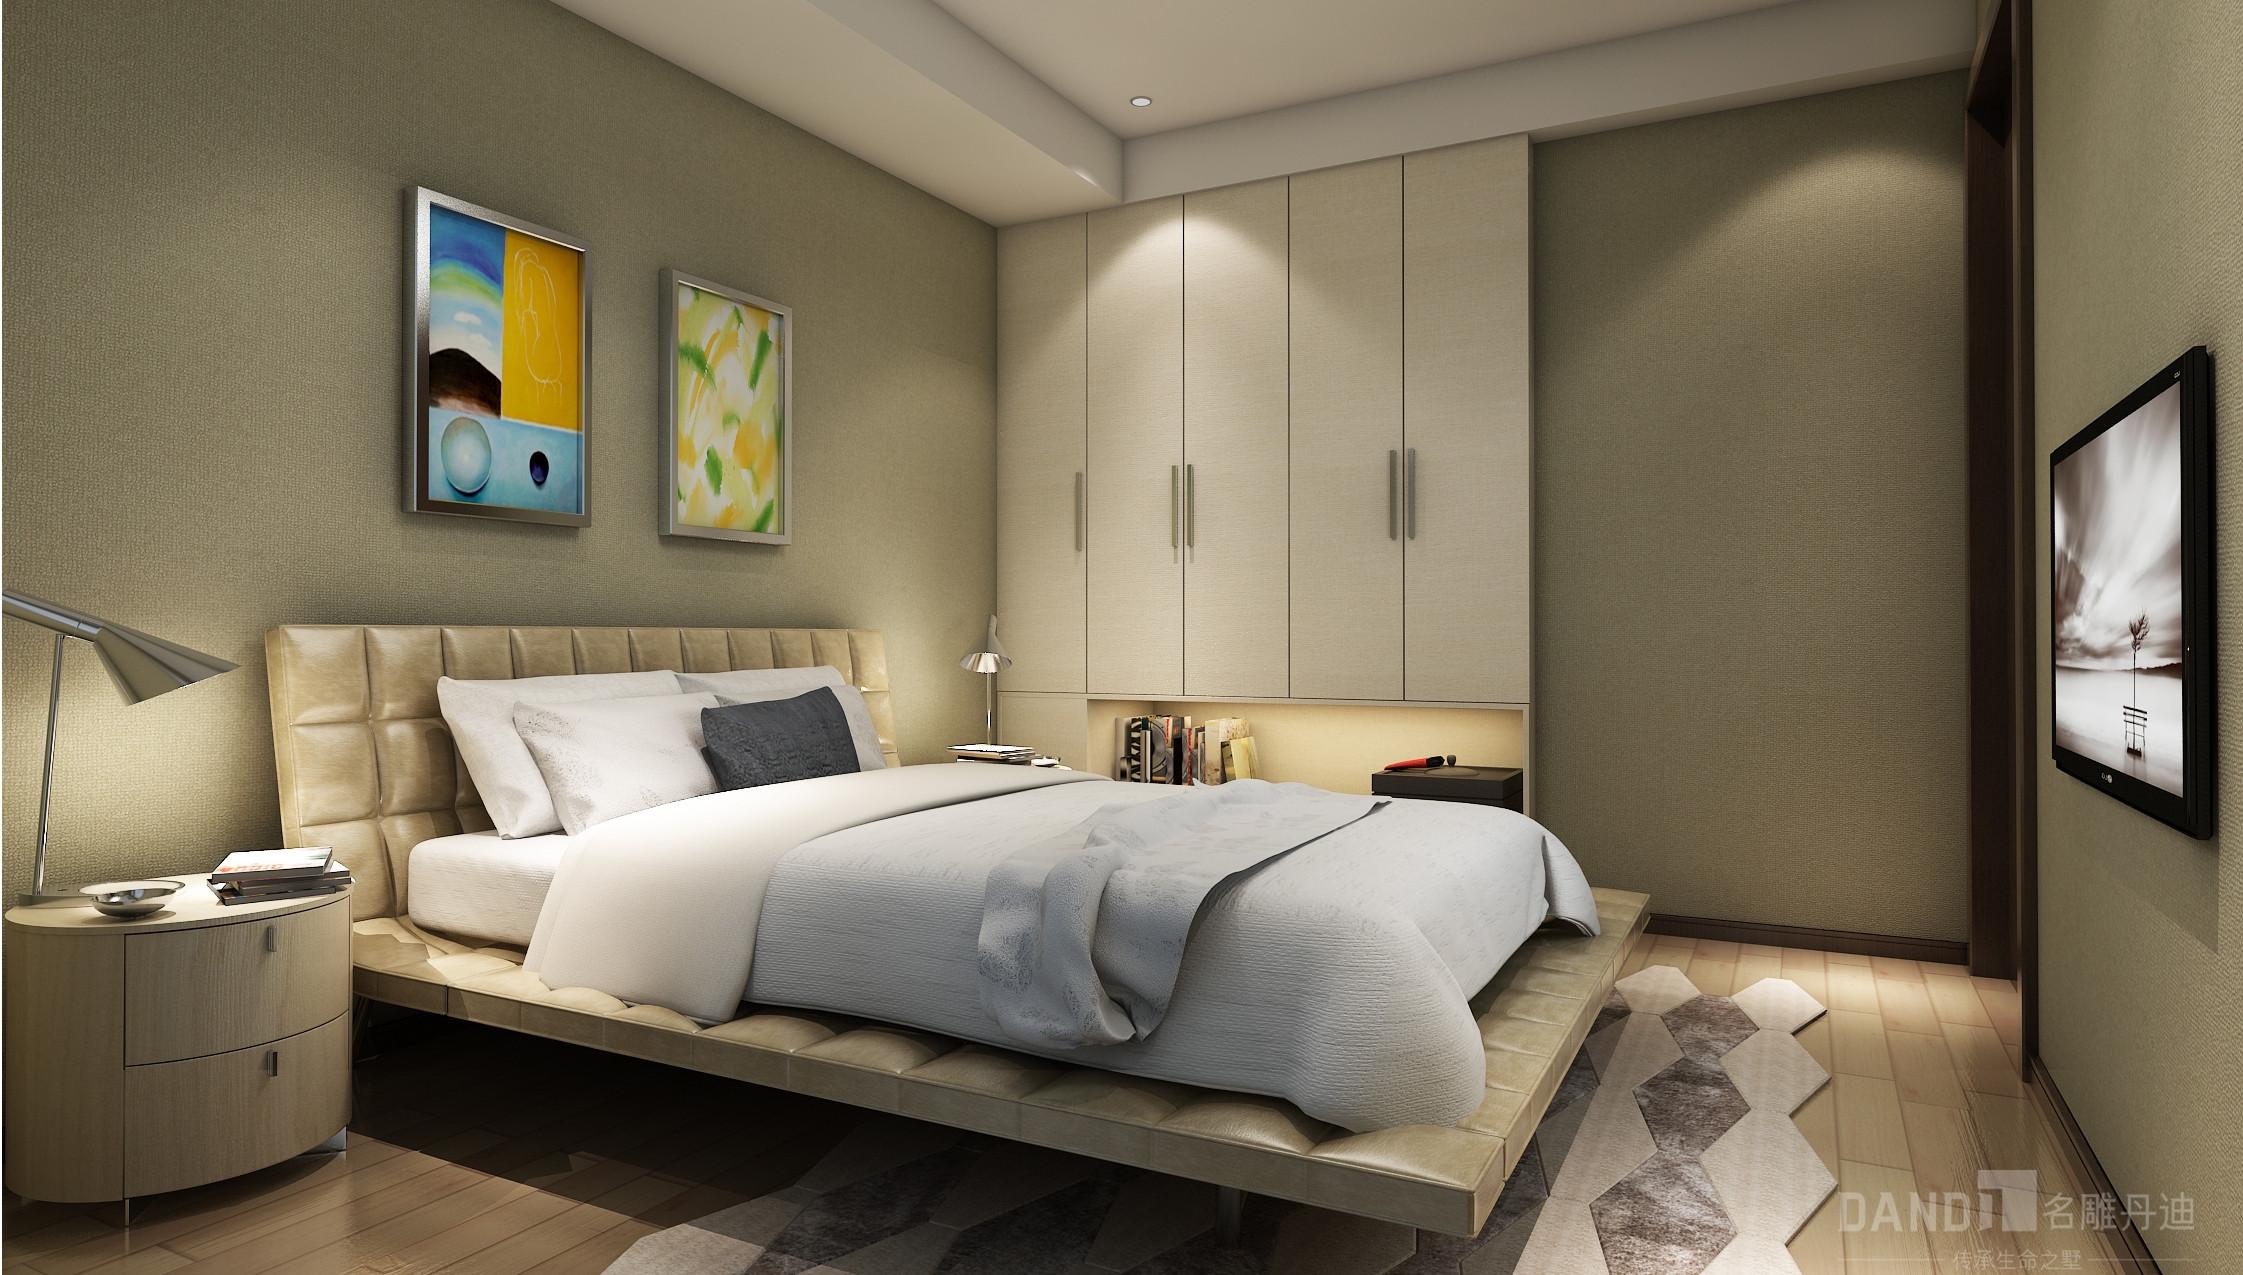 简约 混搭 别墅 新中式 卧室图片来自名雕丹迪在万科璞悦山别墅新中式装修风格的分享